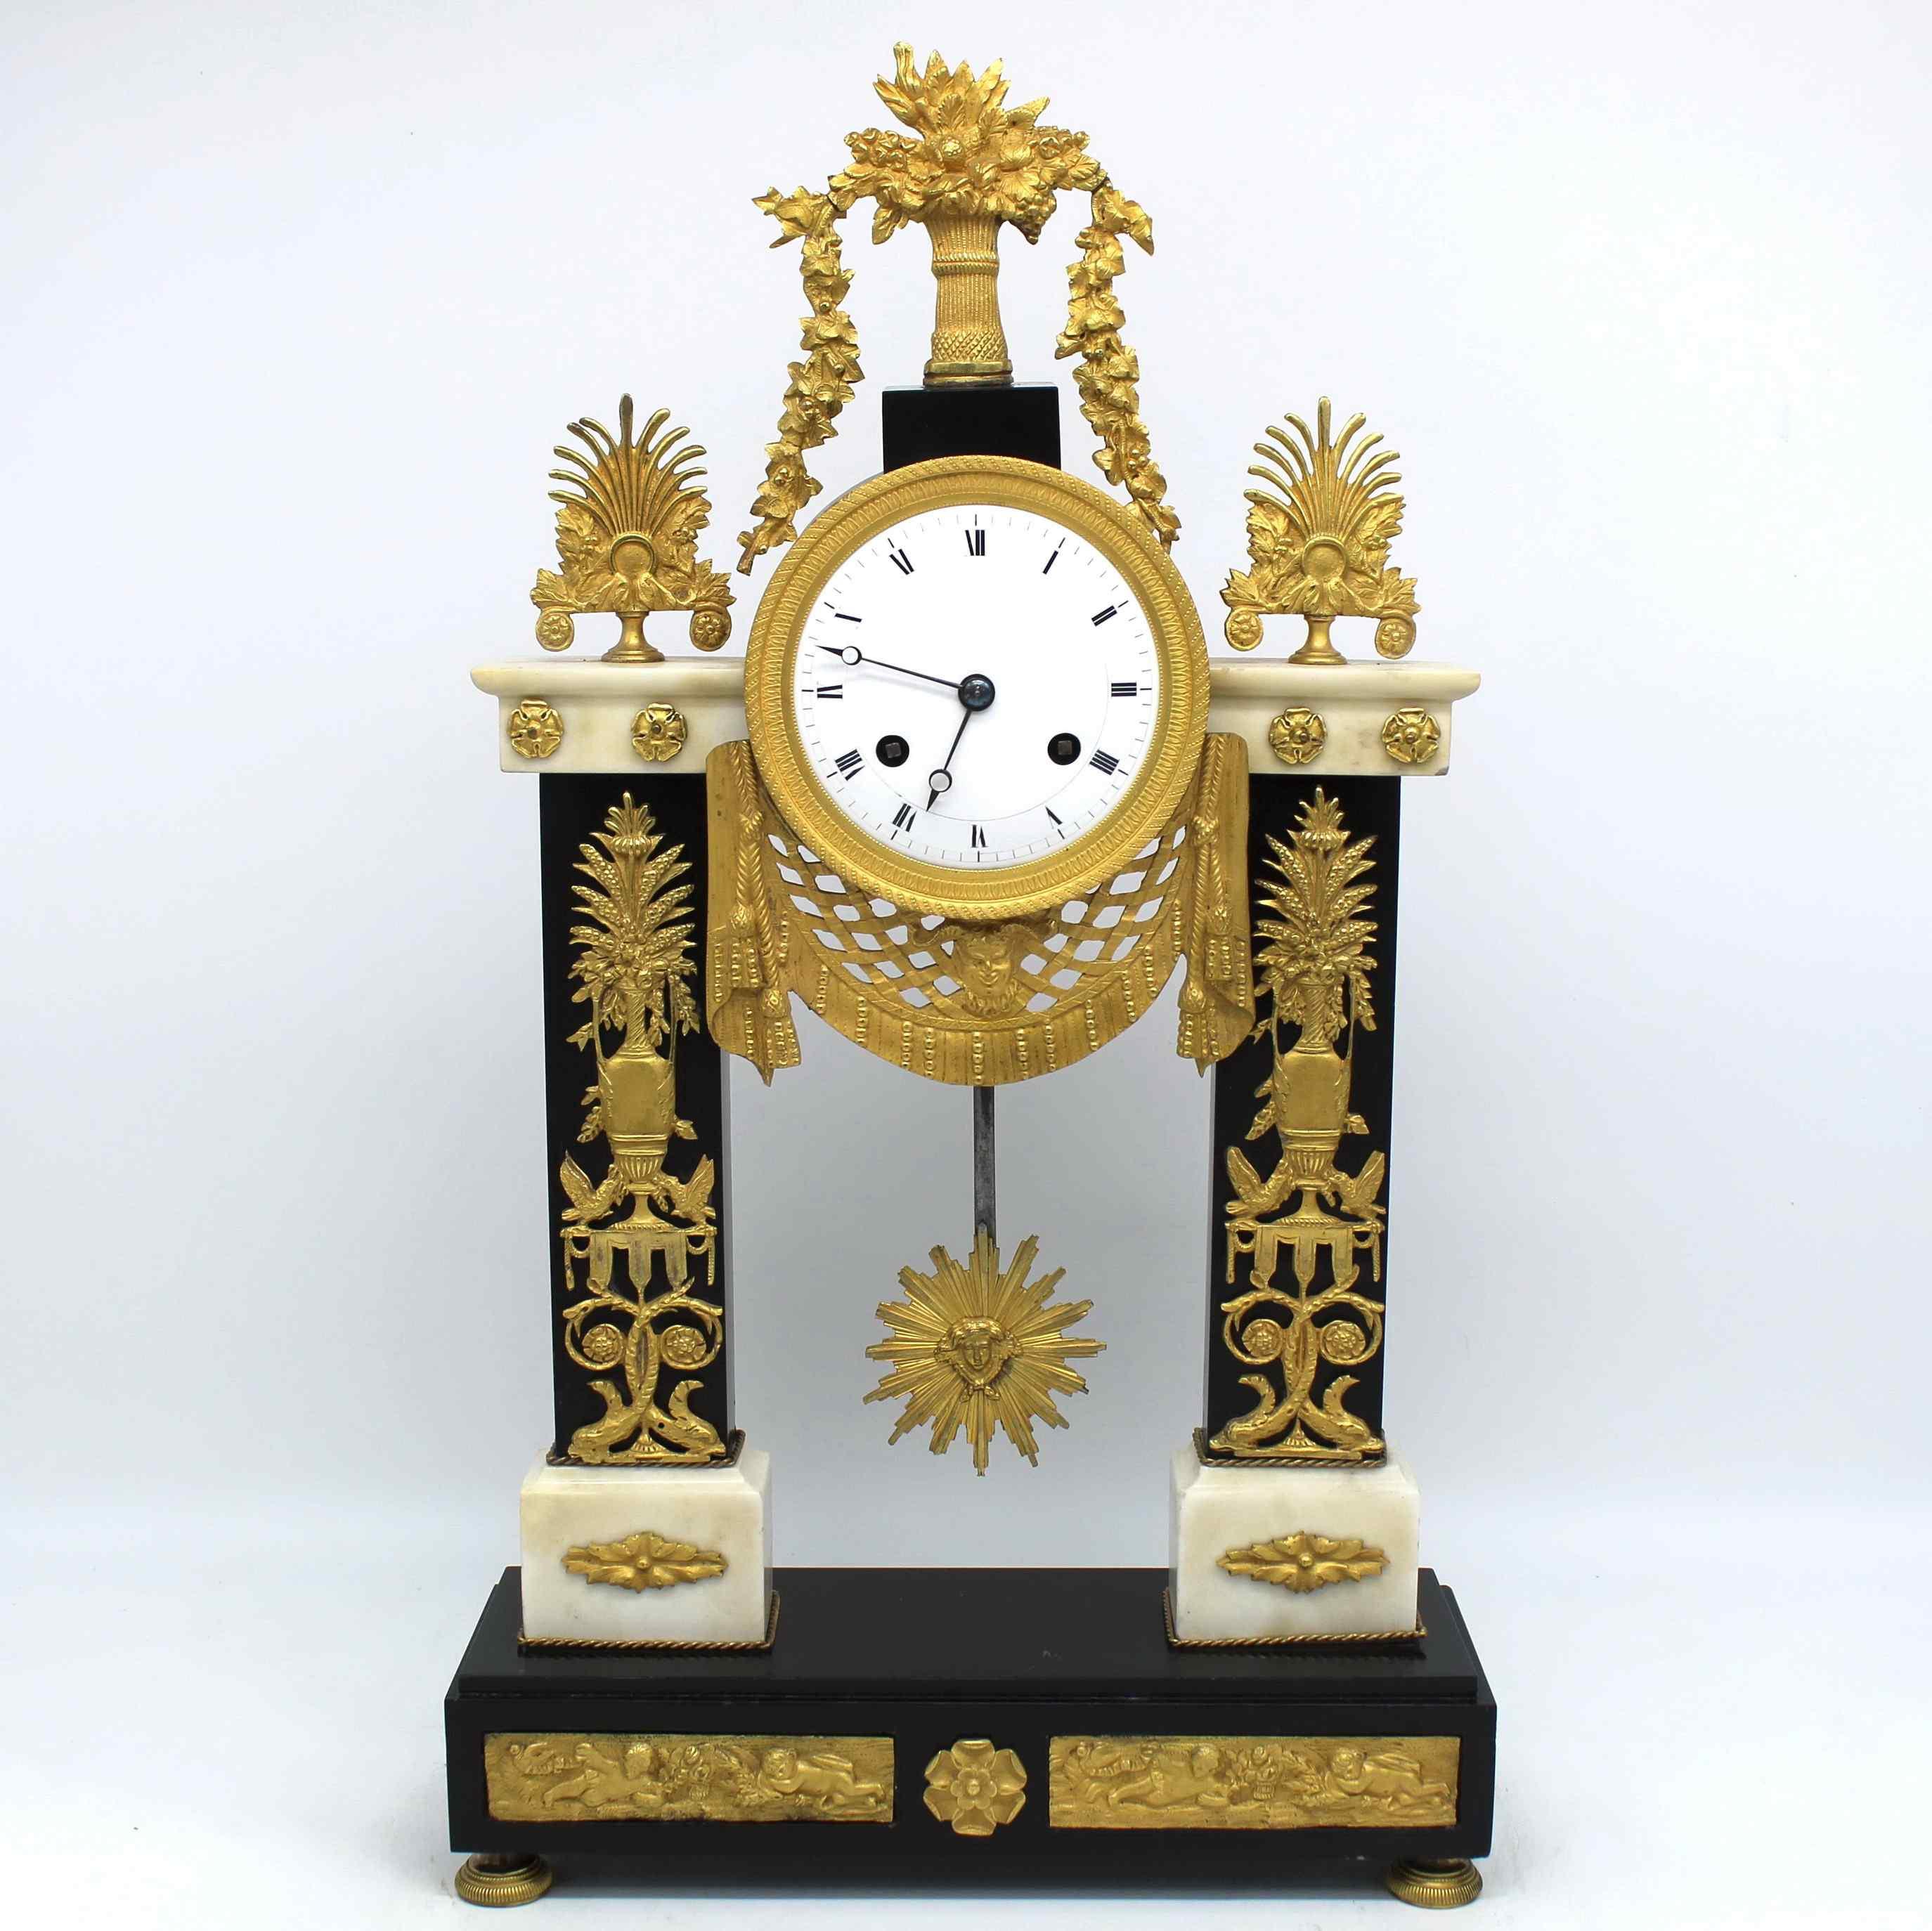 Antique Empire Pendulum Clock in bronze and marble - 19th